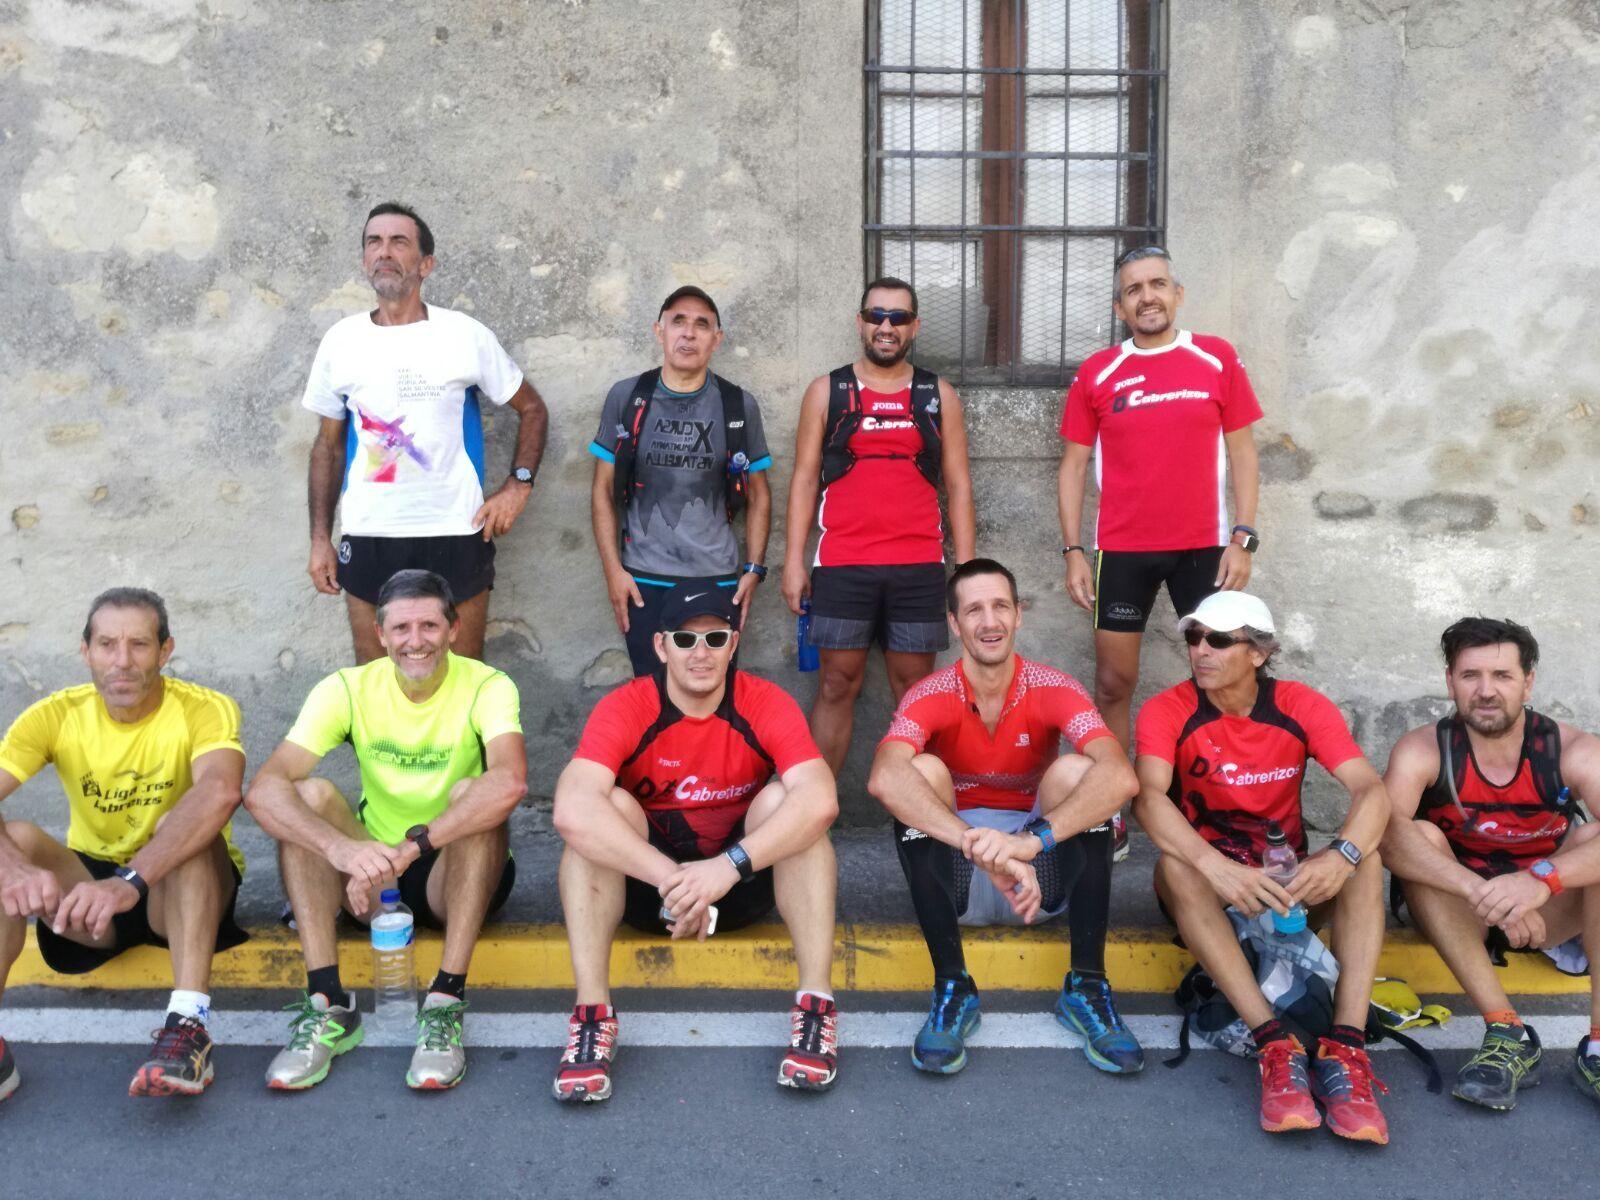 Hoy invitamos a conocer el trail a ... Atletas Veteranos de Salamanca